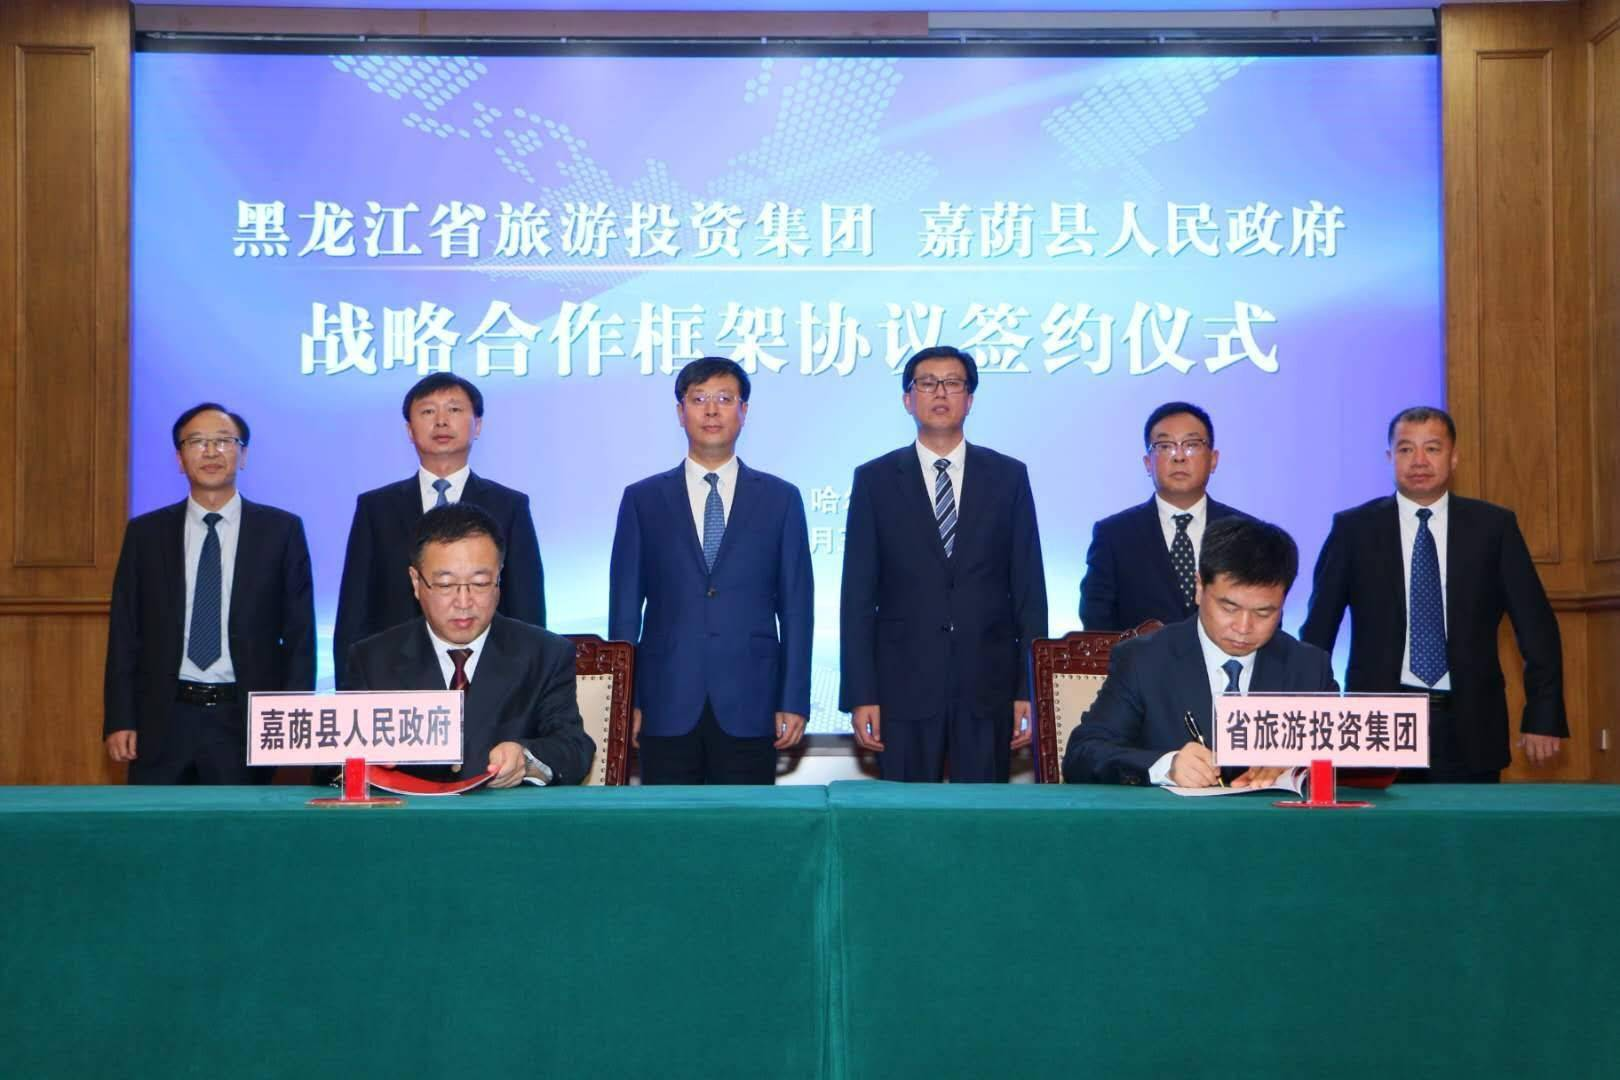 黑龙江省伊春市与黑龙江省旅游投资集团举行战略合作推进会